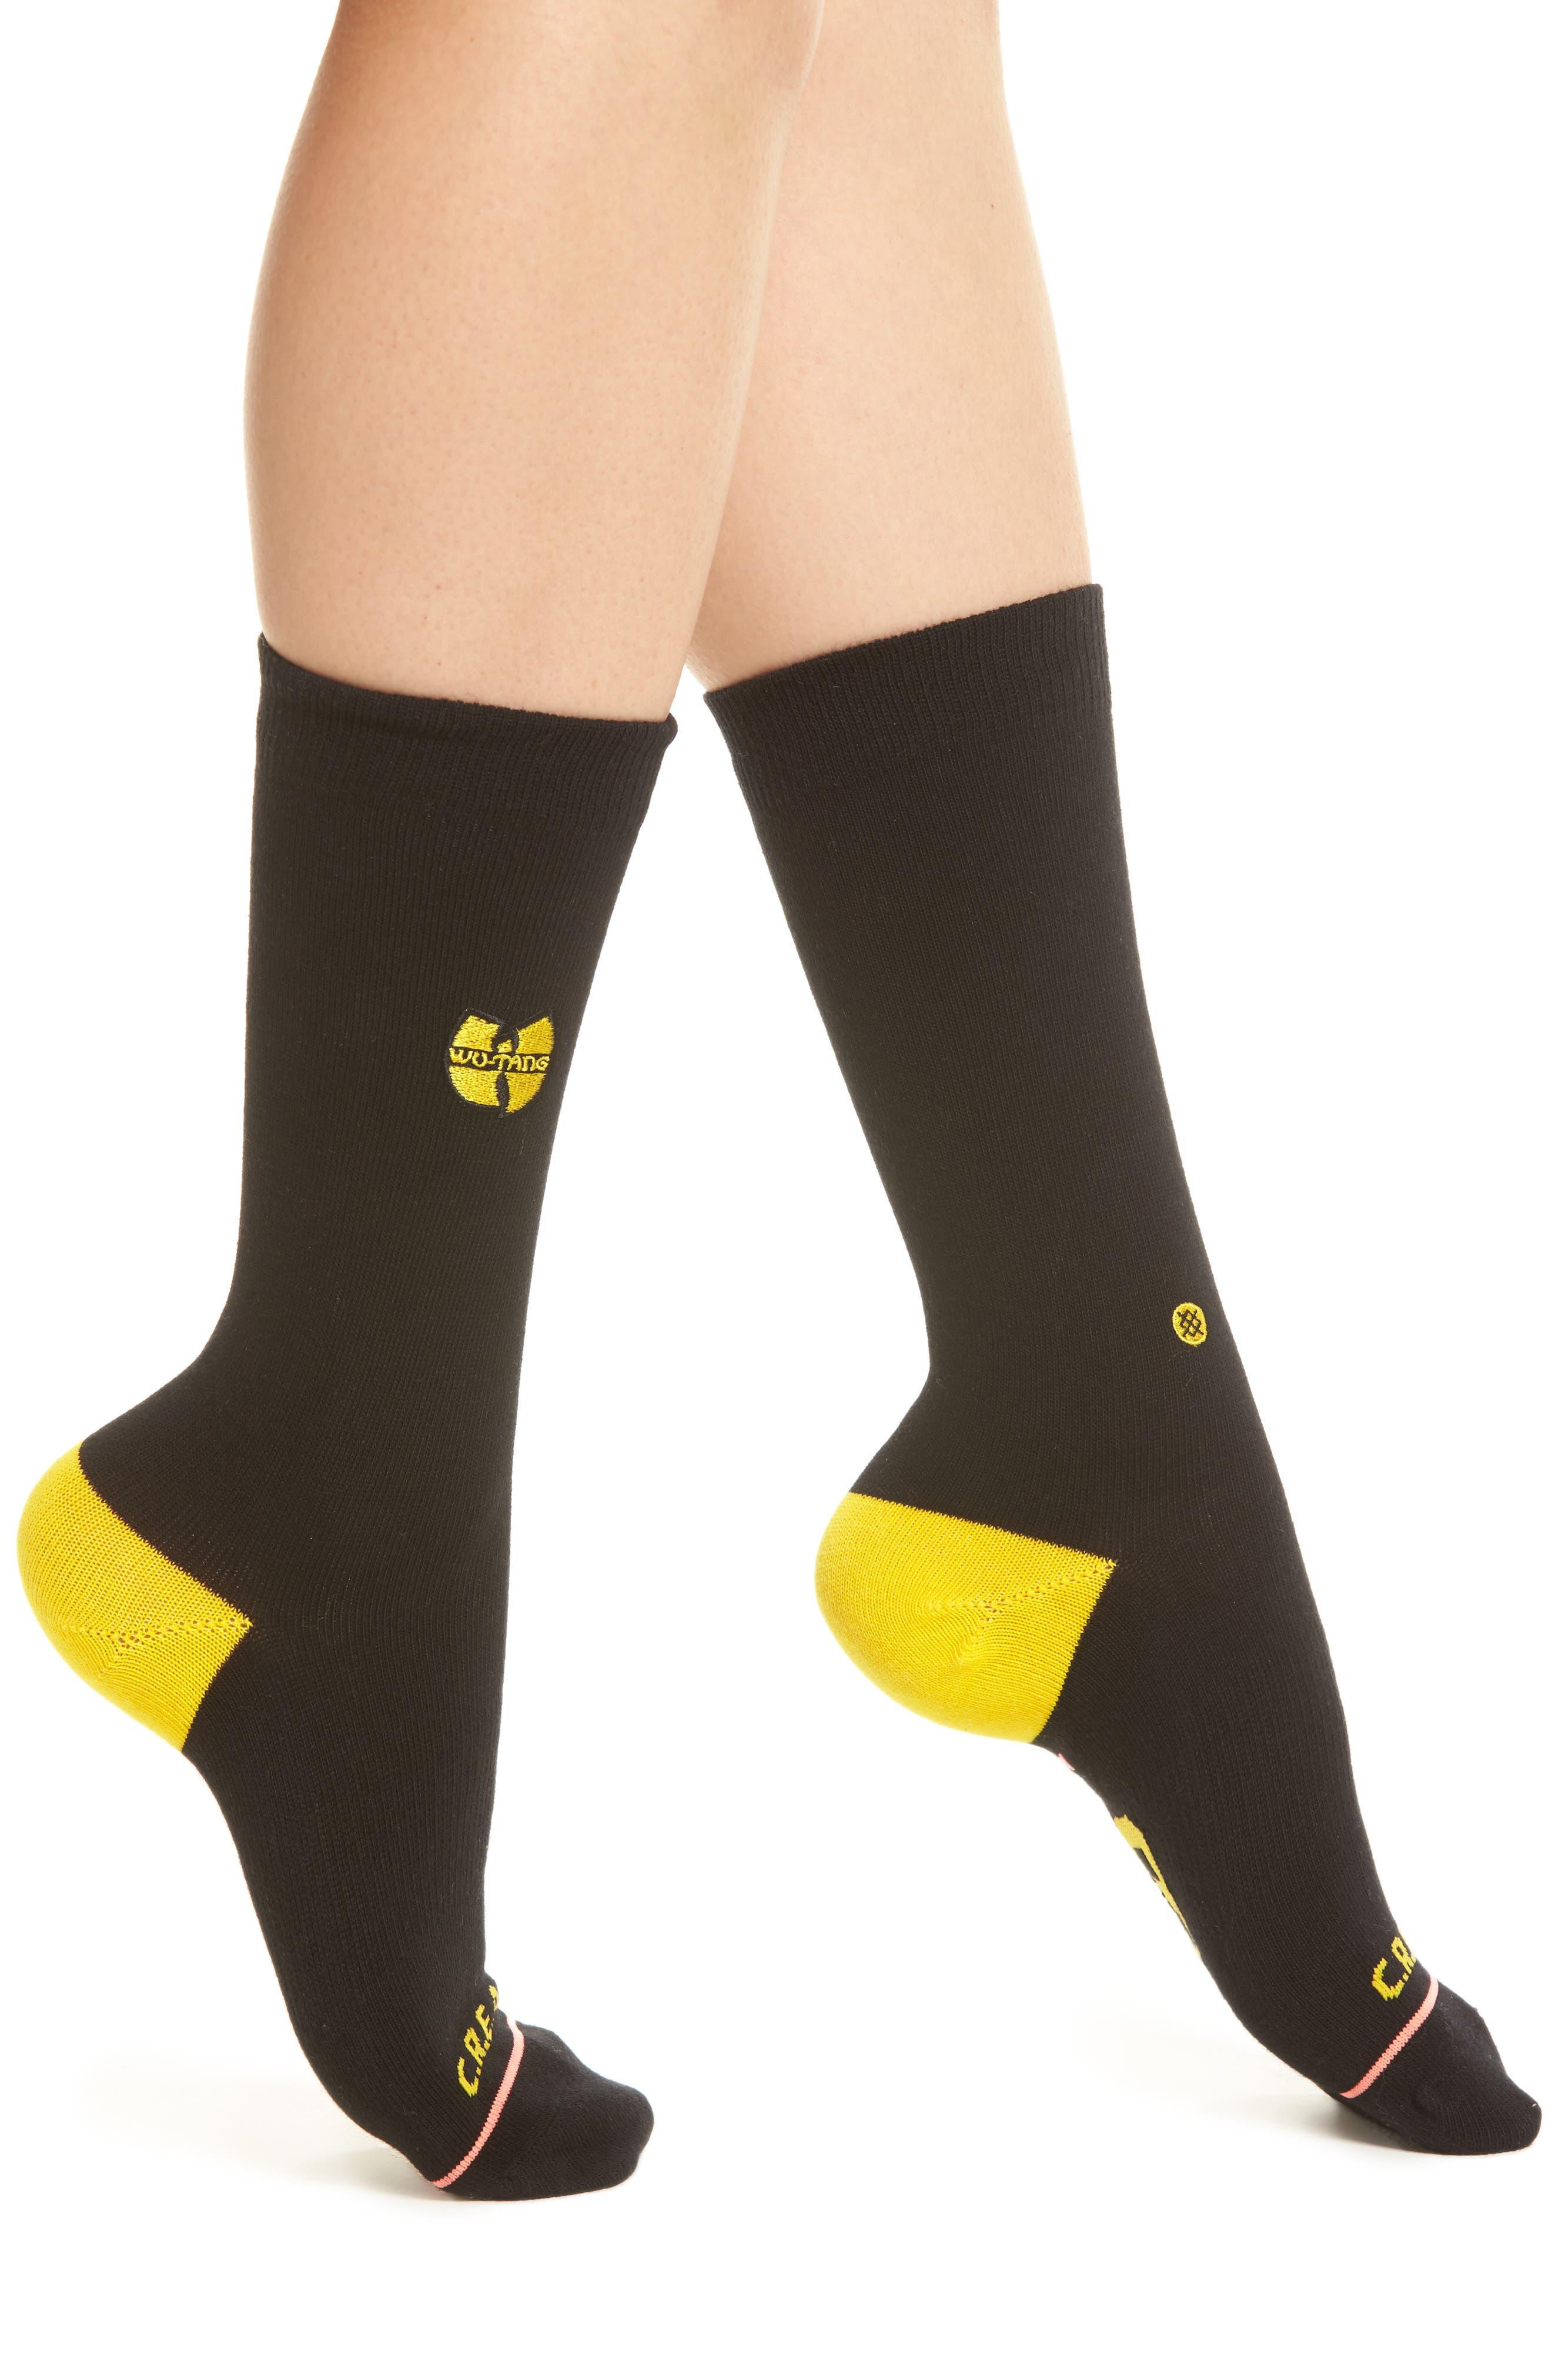 C.R.E.A.M. Crew Socks,                         Main,                         color, Black